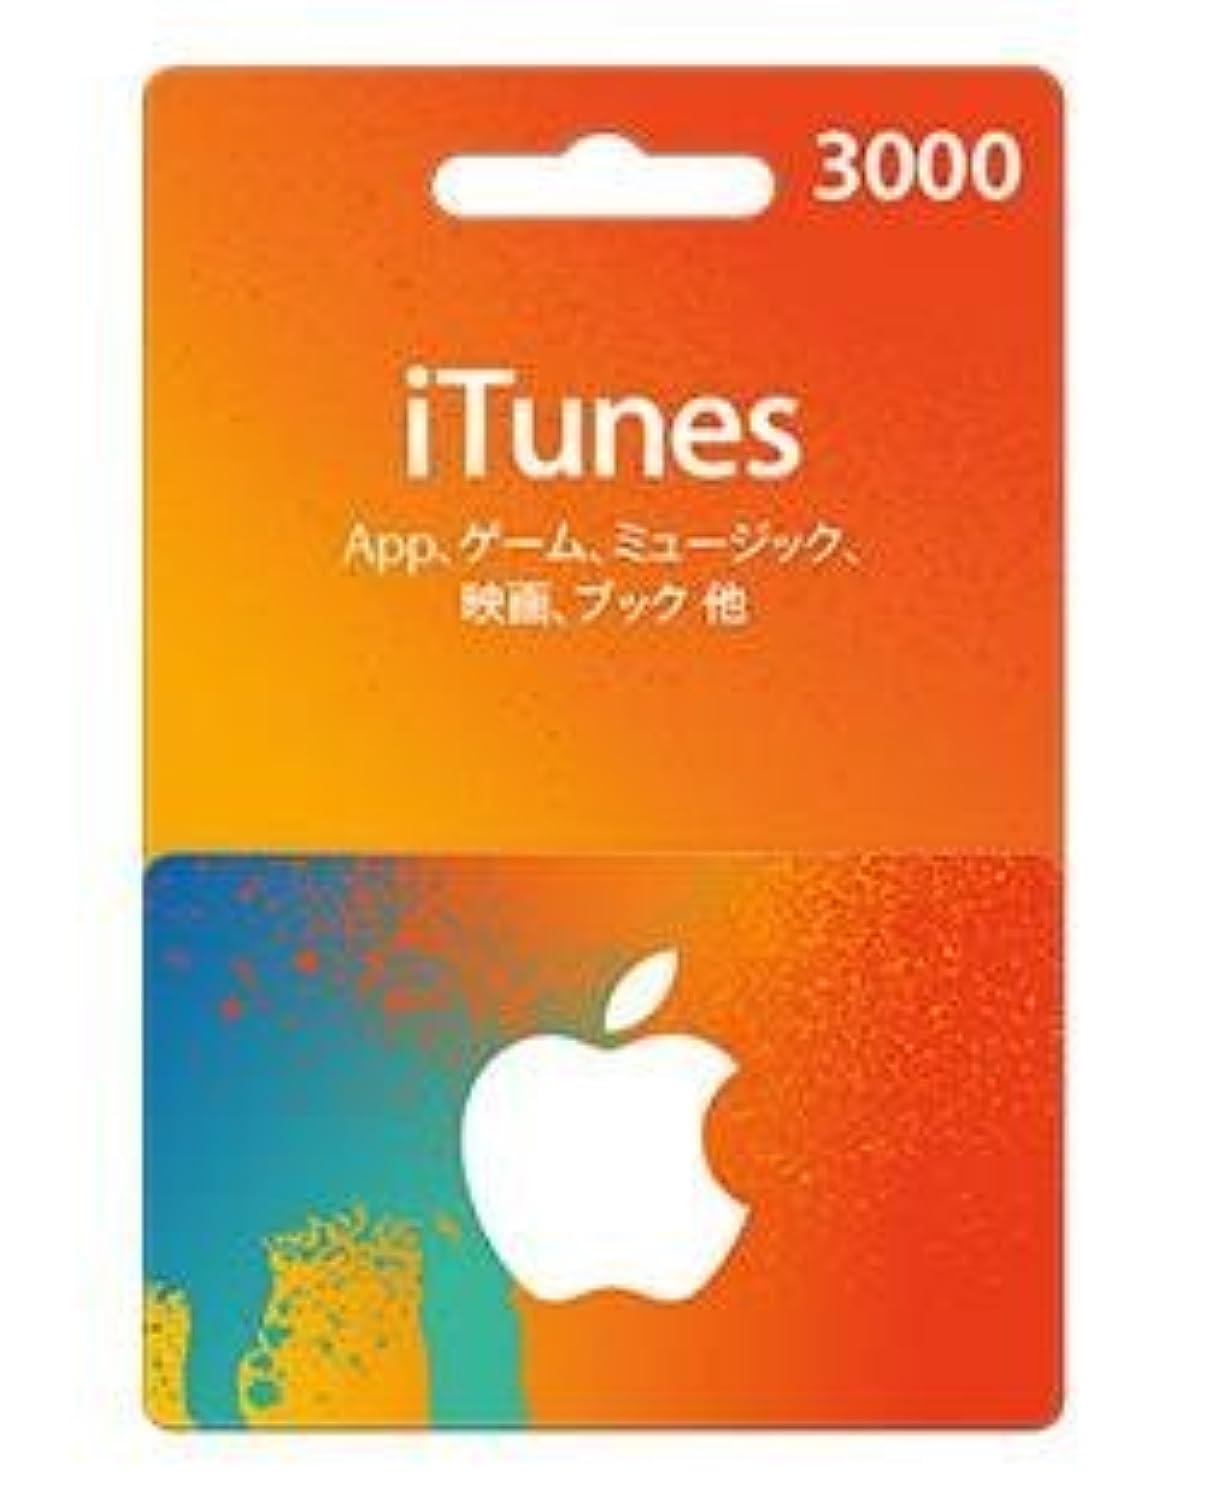 優先肉のお茶APPLE(アップル) iTunes Card アイチューンズ カード - 3,000円